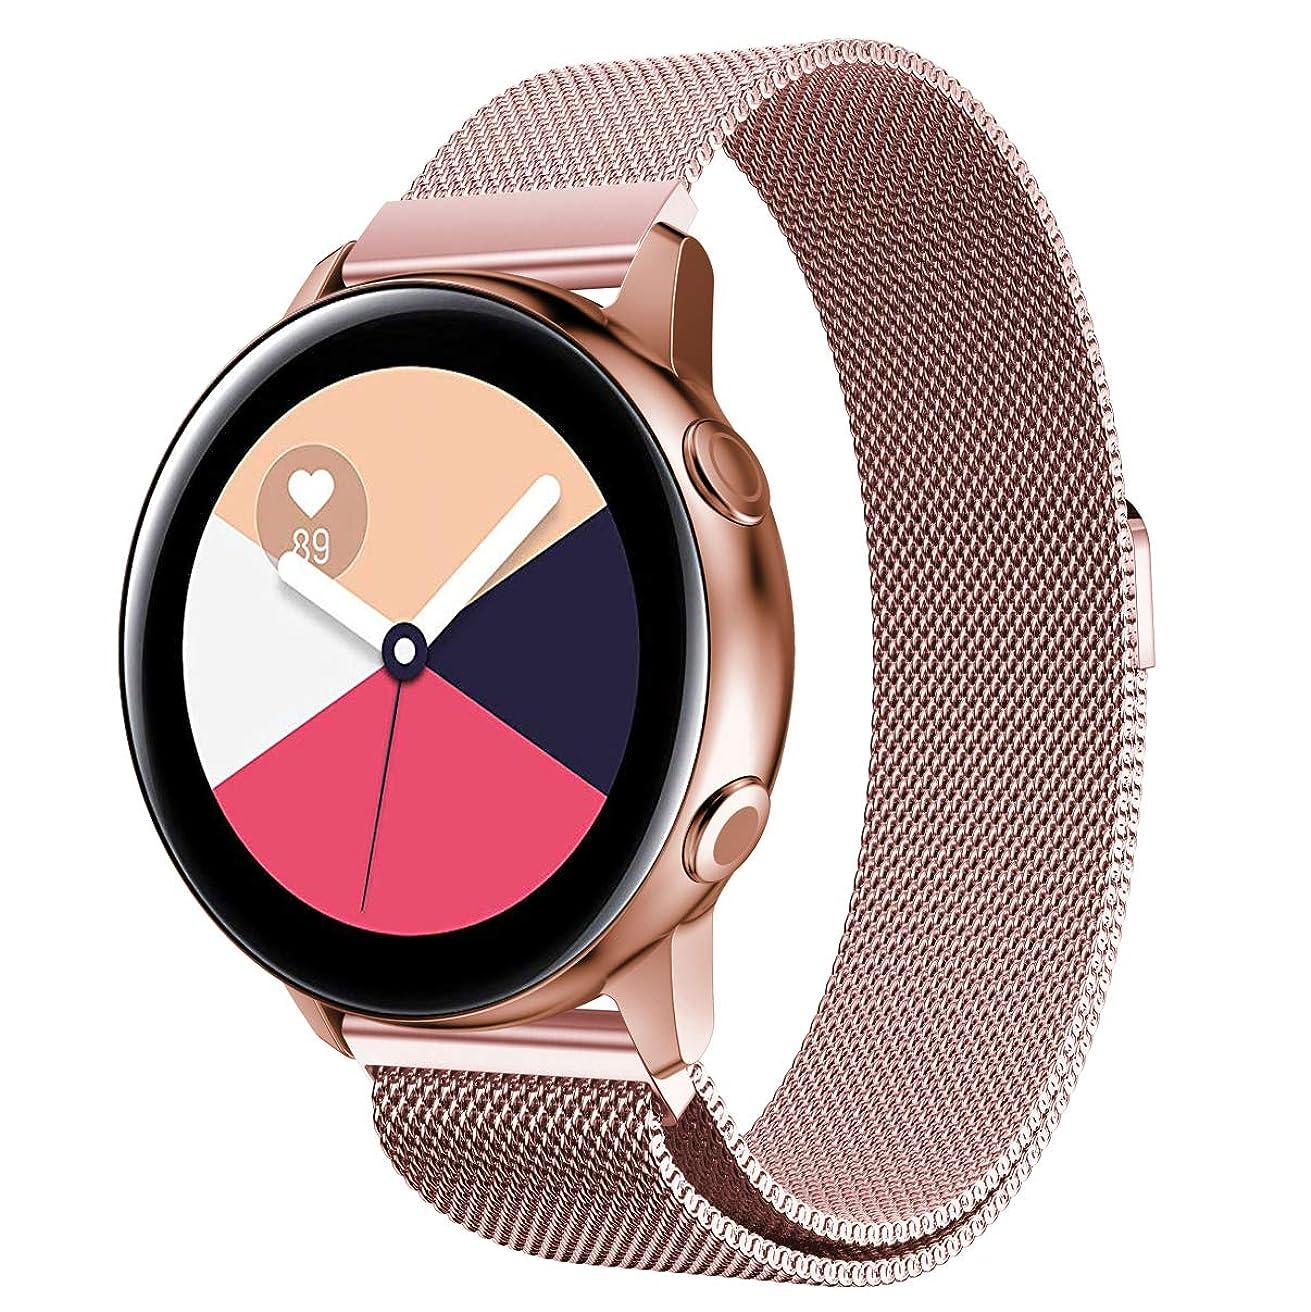 努力するおそらくわずかにComtax for Samsung Galaxy Watch Active ベルト 交換用バンド ステンレス オシャレ ストラップ 多色選択 調整可能 対応 Samsung Galaxy Watch Active (ピンク)